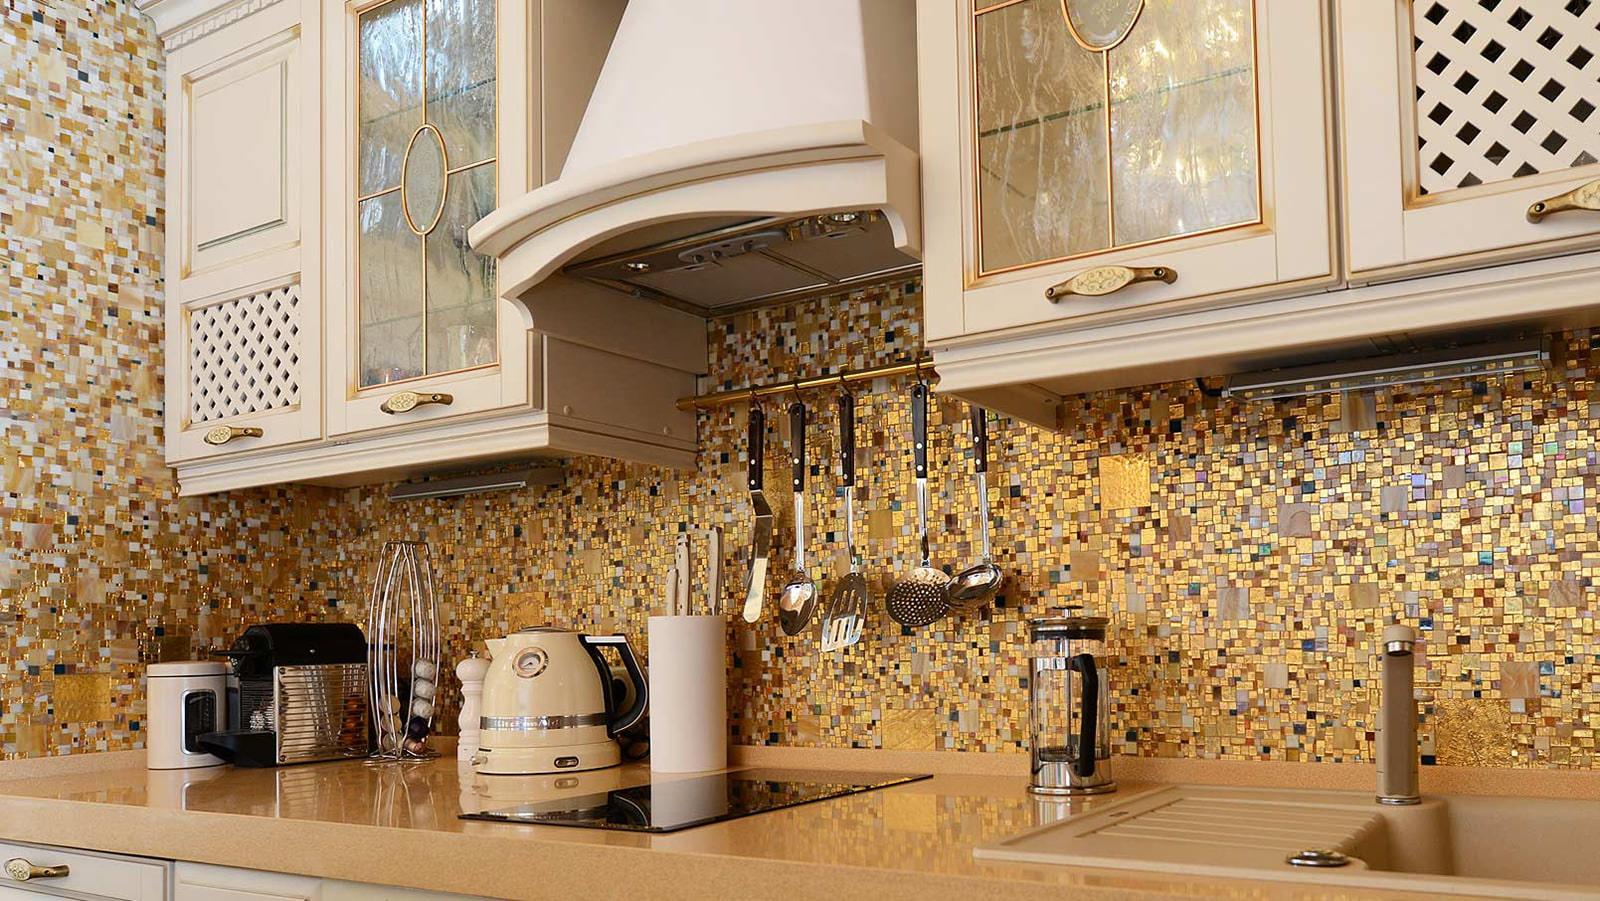 Плитка для рабочей зоны кухни фото дизайн